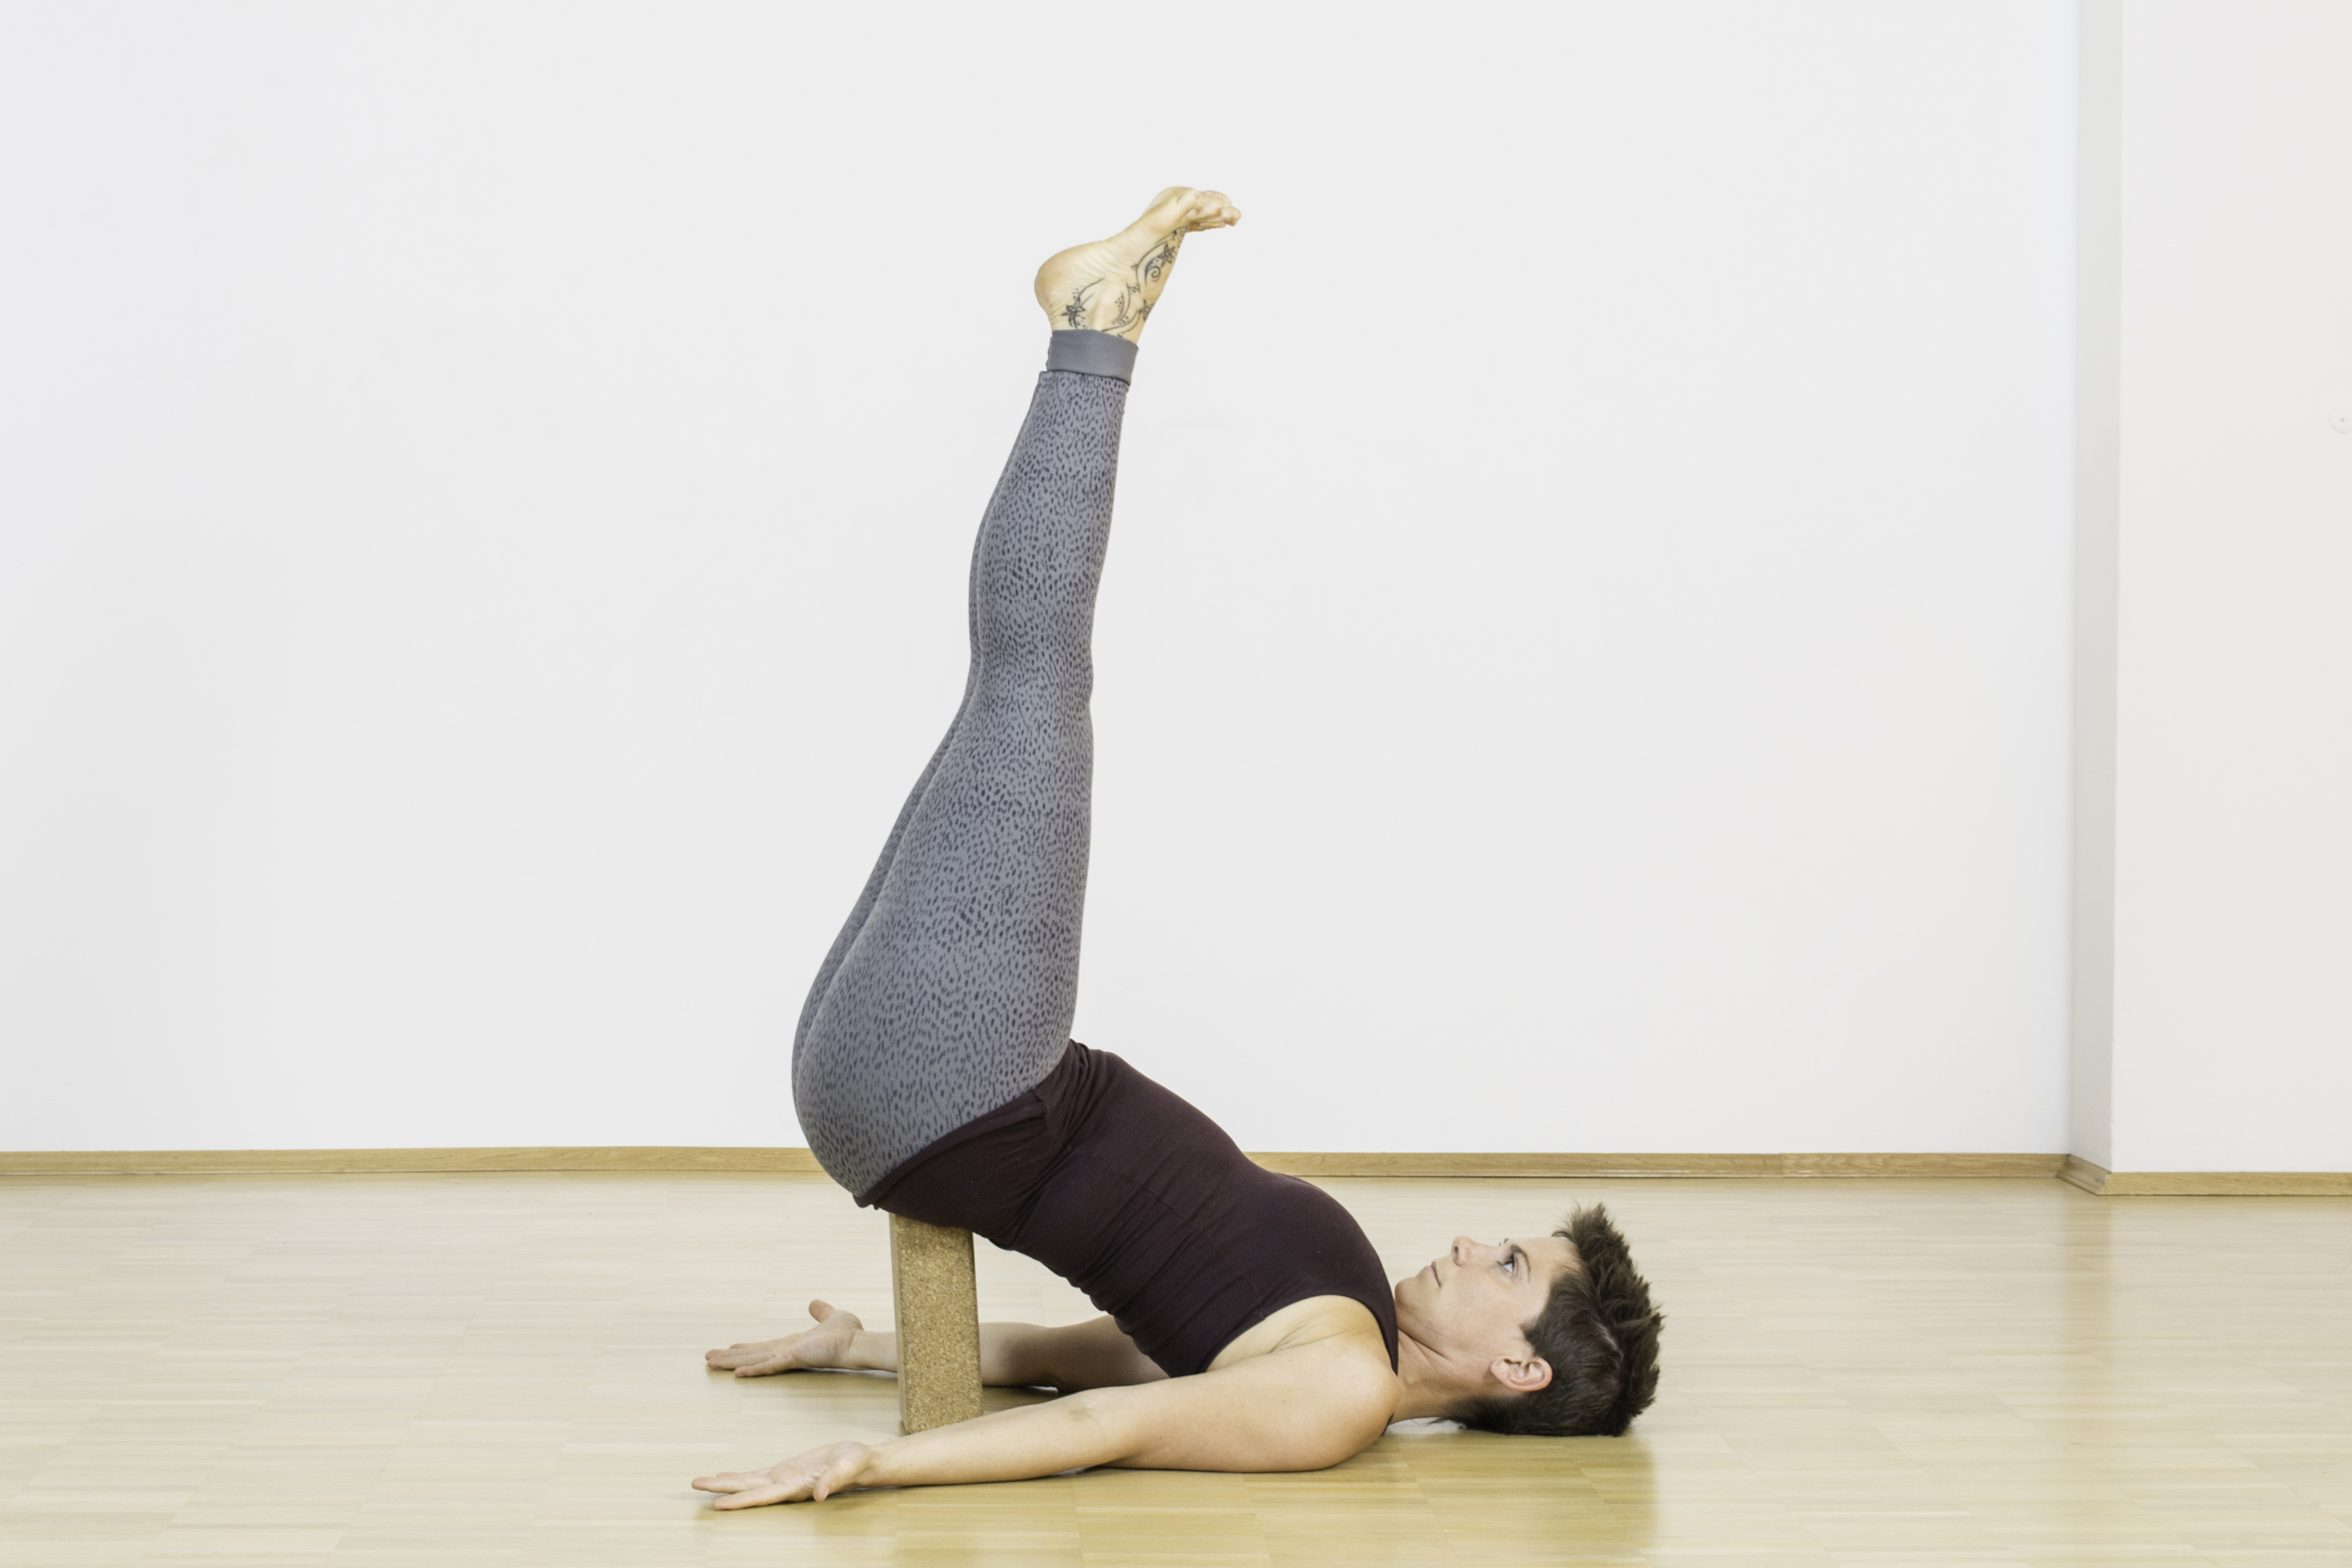 Viparita ist eine Umkehrhaltung, die für neuen Schwung sorgt. Sie entlastet Dein Herz-Kreislauf-System sowie müde und schwere Beine. Beim Yoga wird sie meist am Ende der Stunde praktiziert.